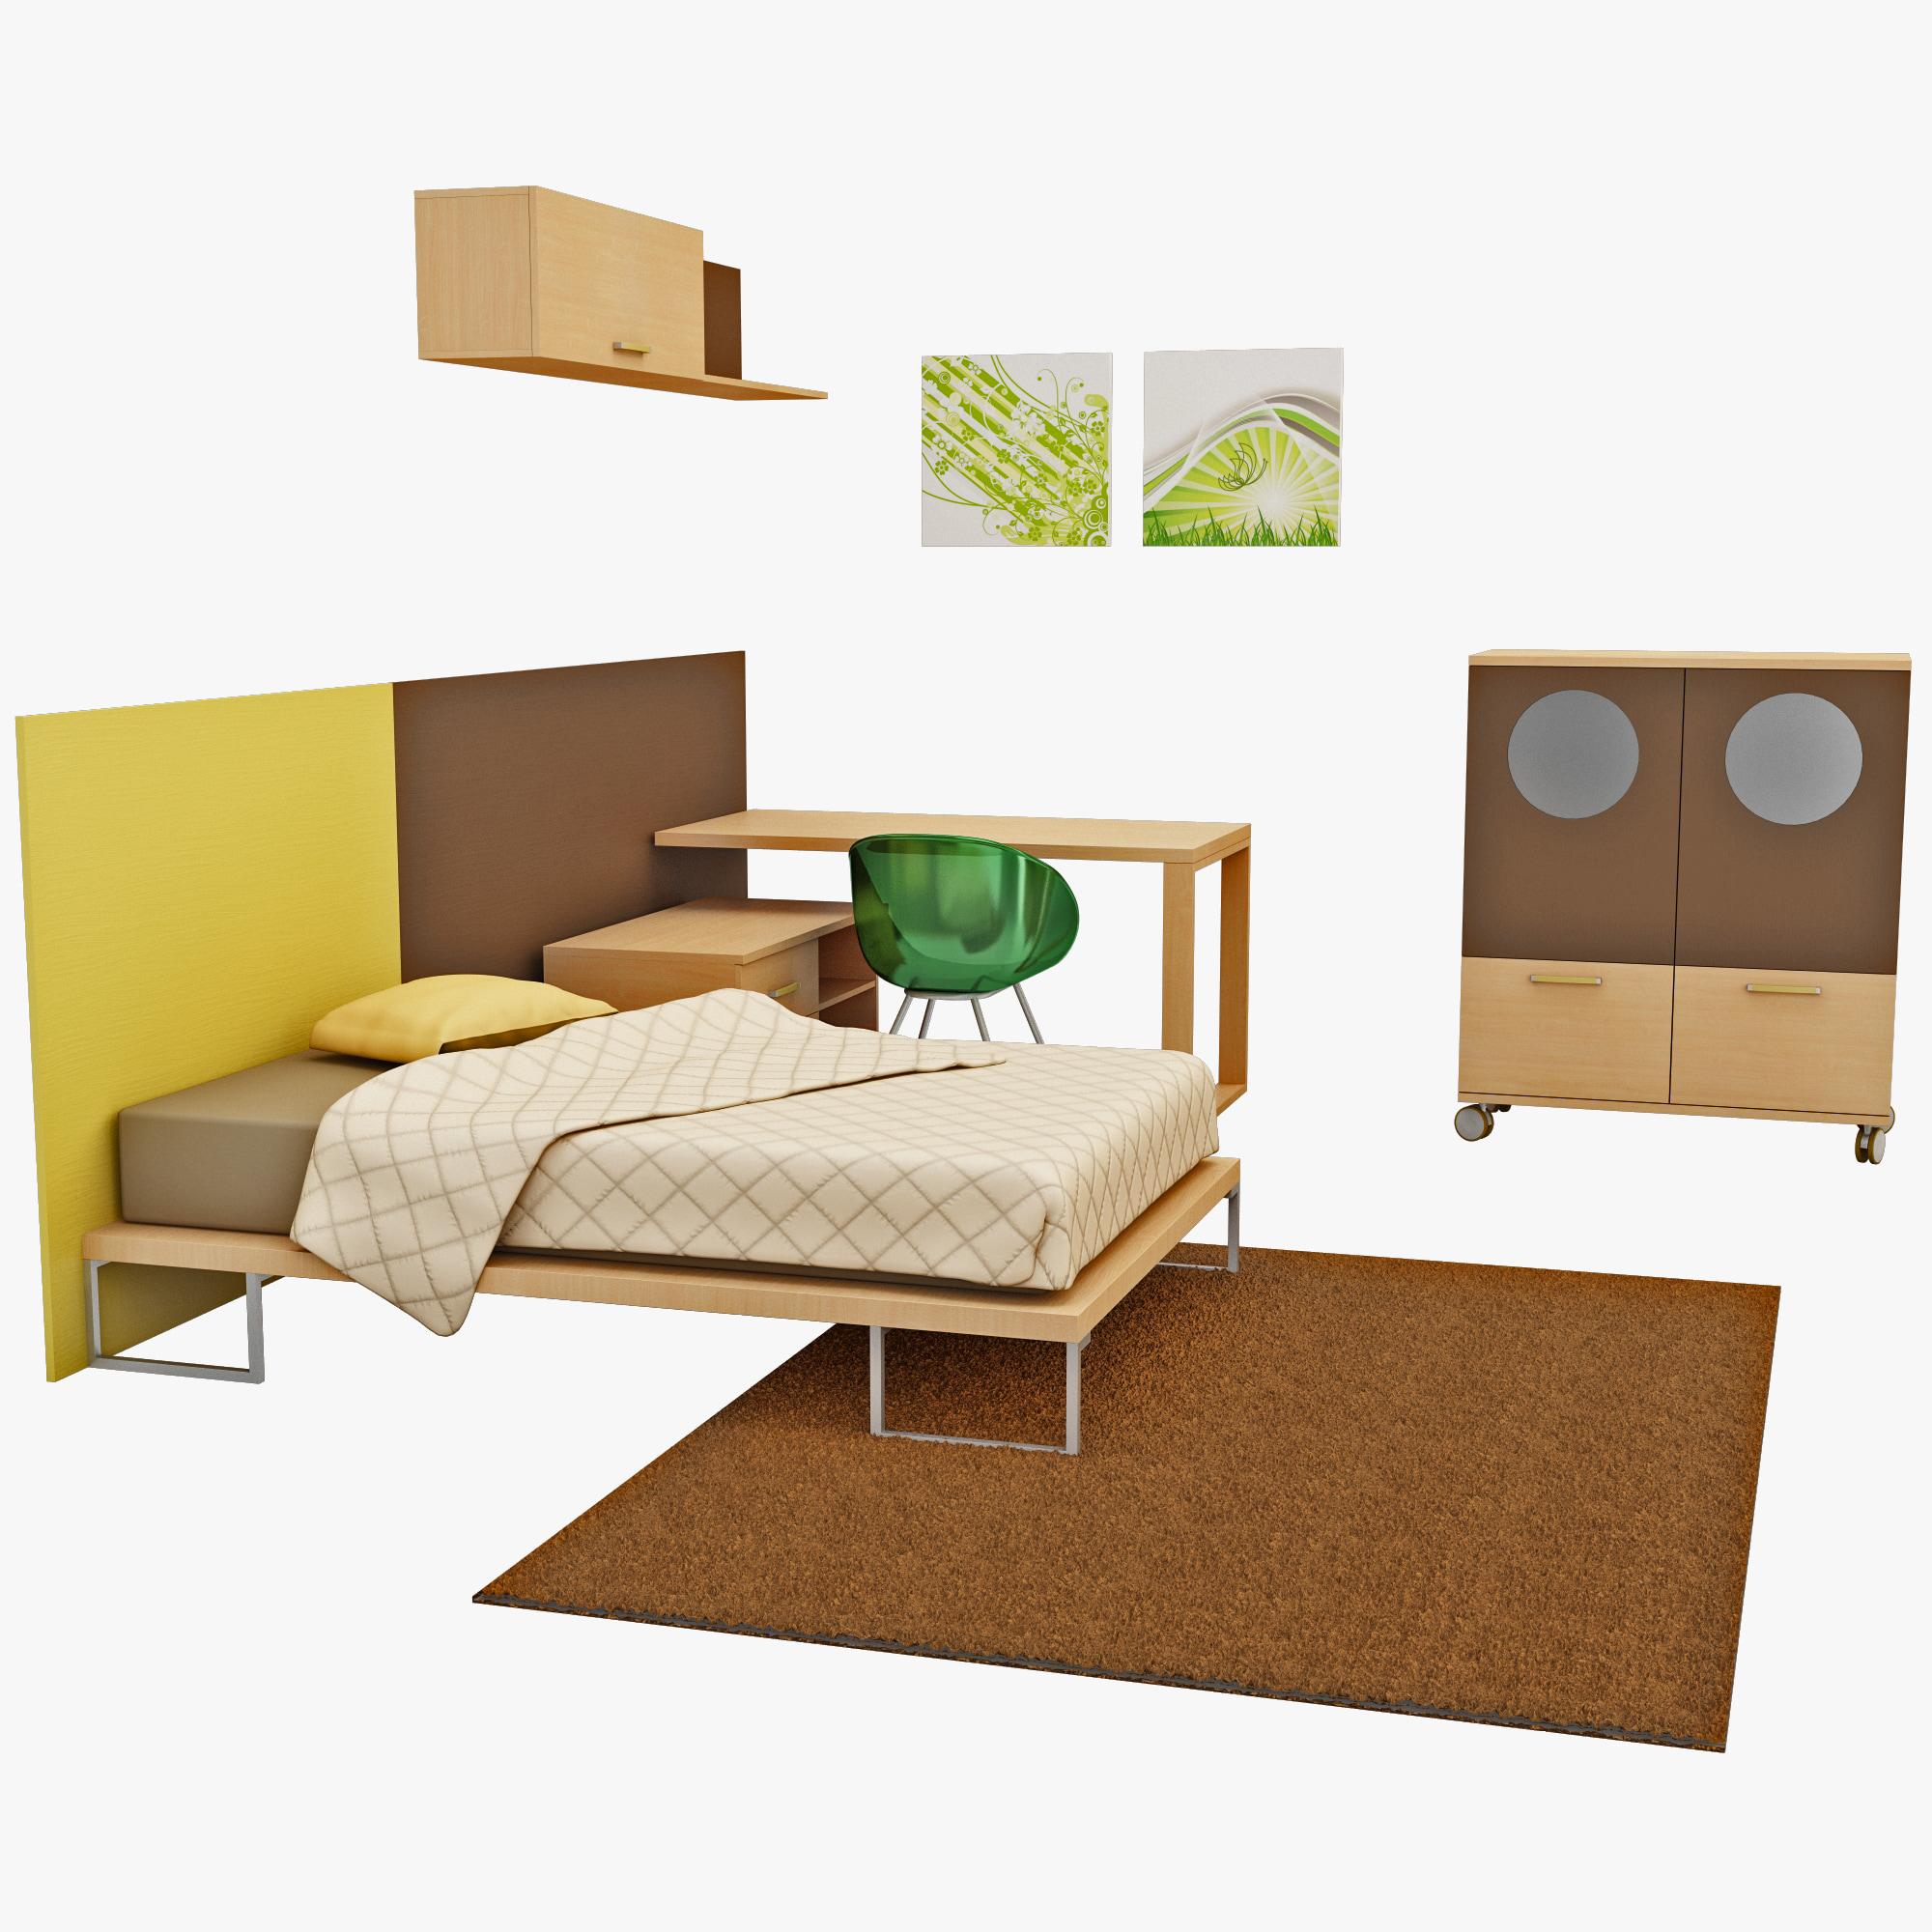 165855_Kids_Bedroom_Furniture_3_000.jpg